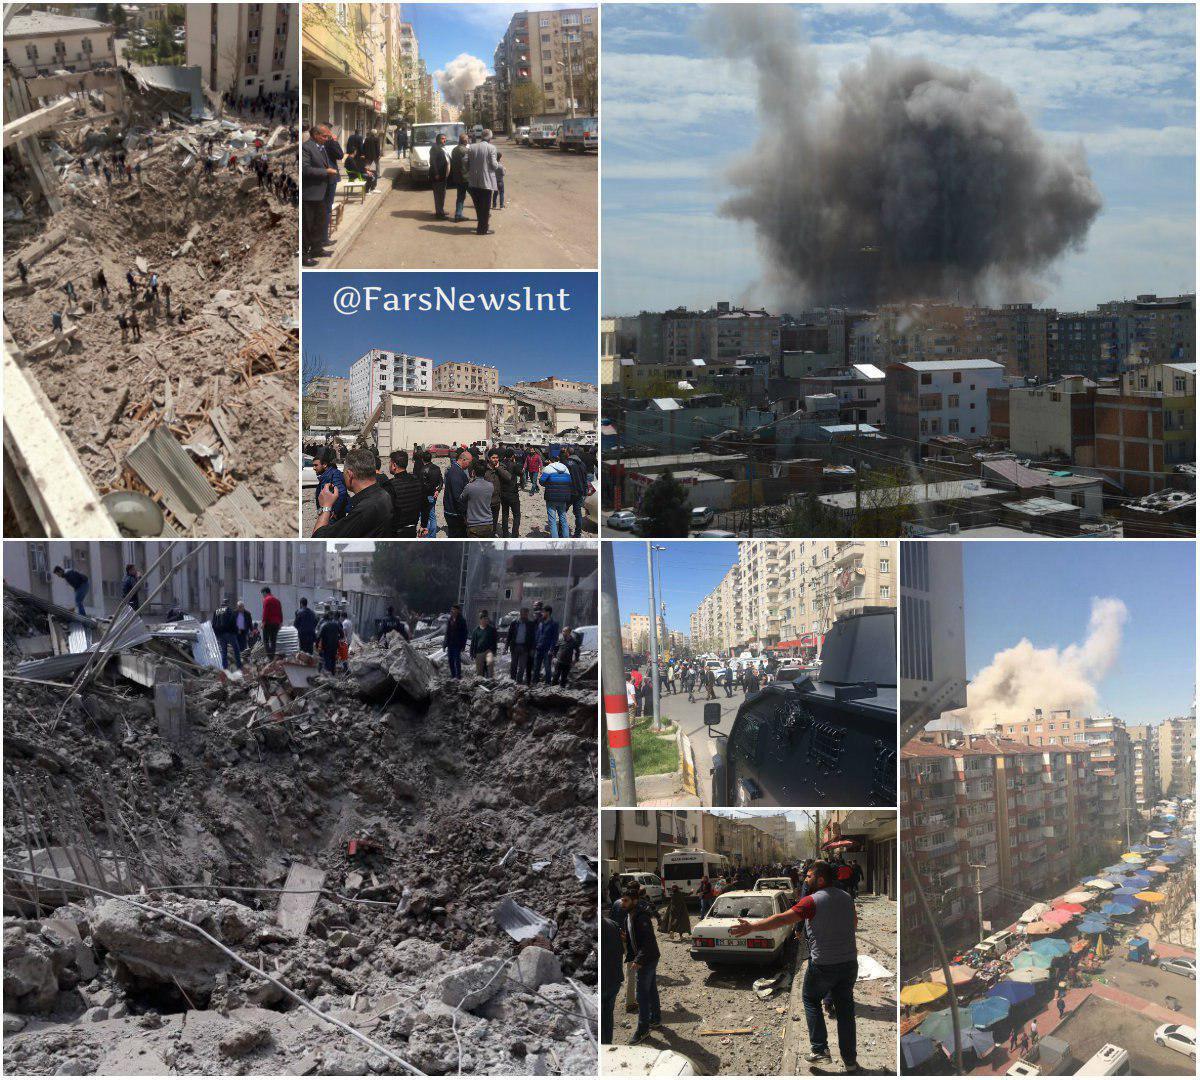 تصاویری از انفجار در دیاربکر ترکیه